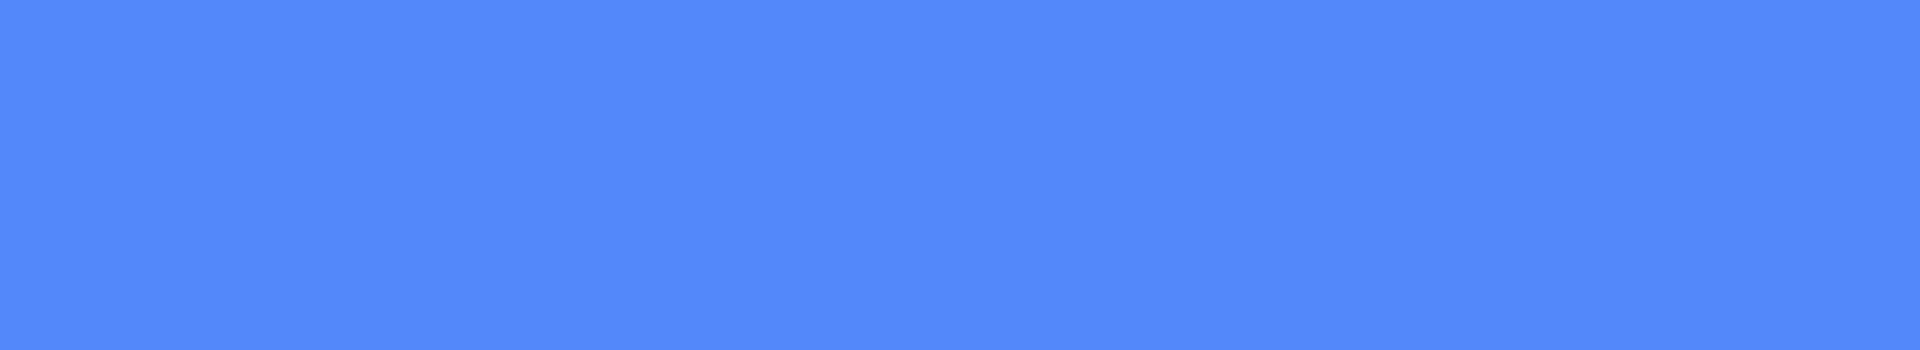 image-colour-1